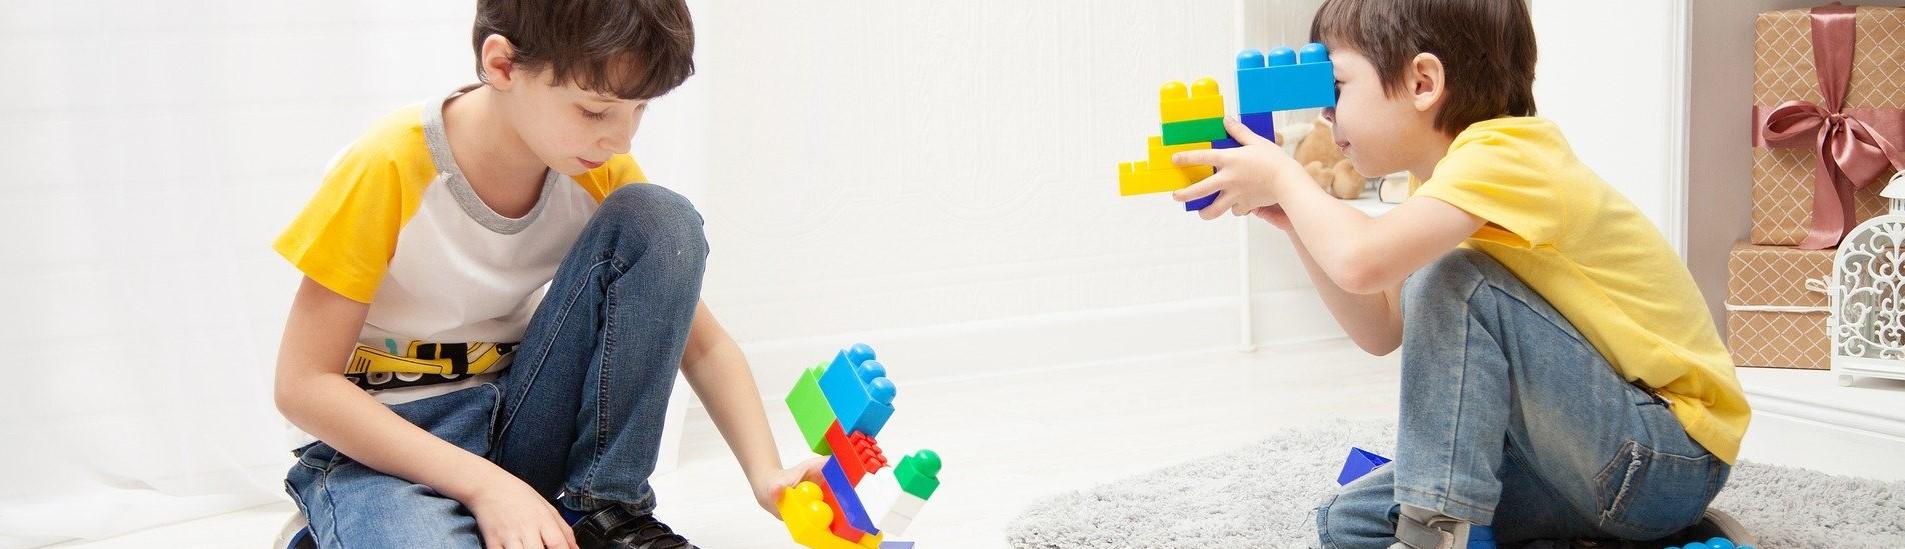 cómo puede afectar el confinamiento a los niños